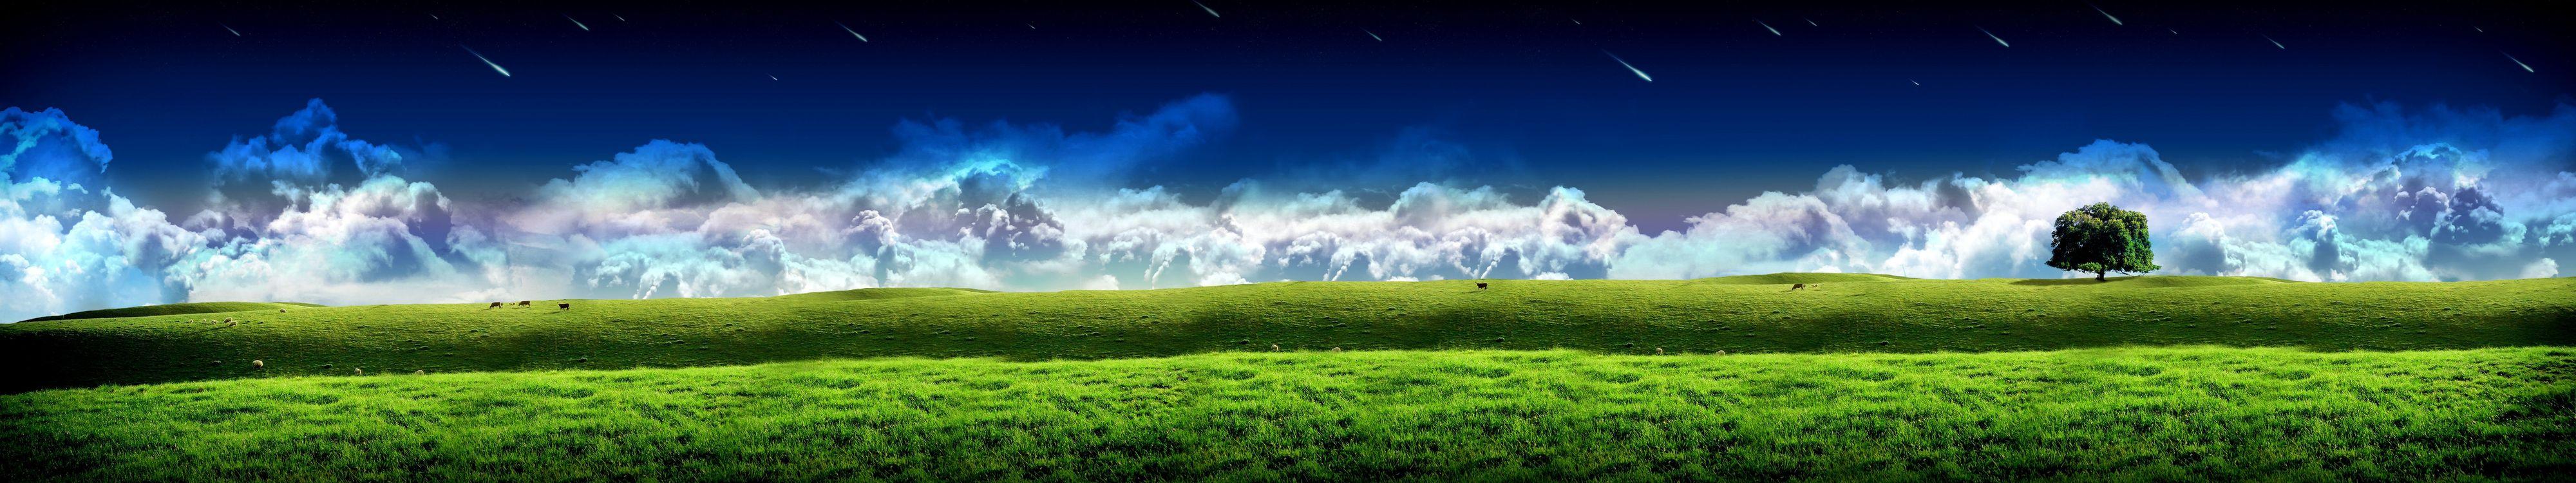 Фото бесплатно простор, поле, дерево - на рабочий стол